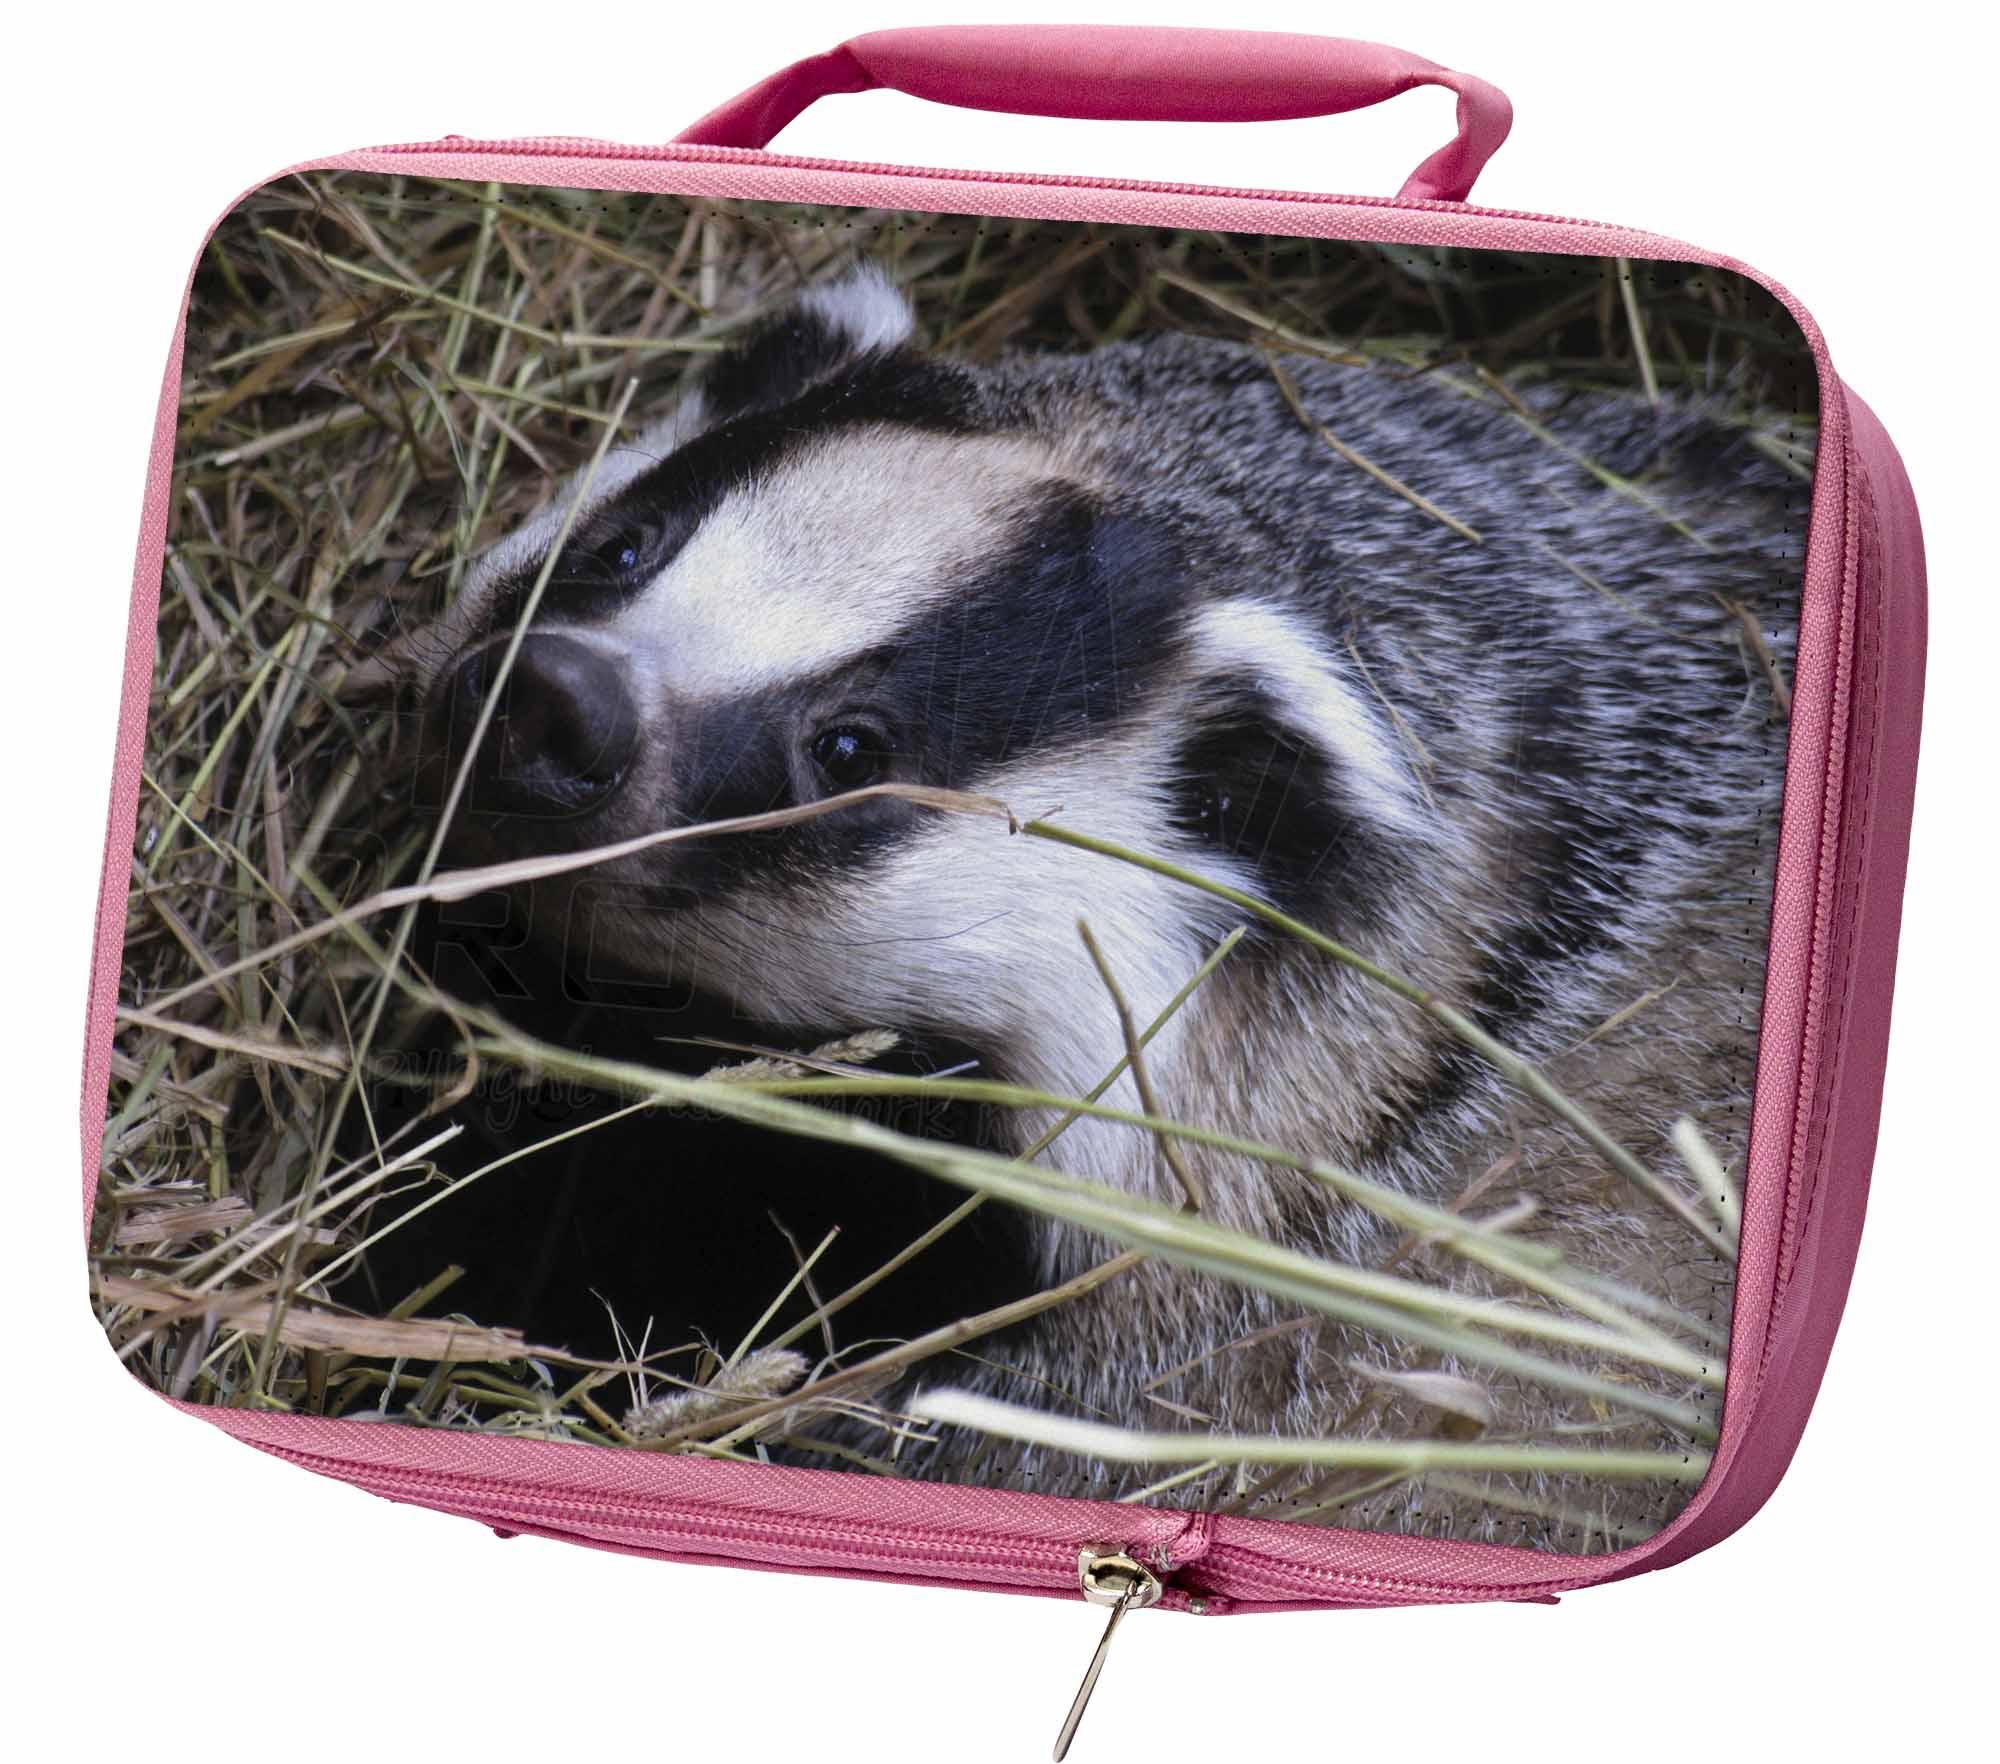 TASSO TRA LA PAGLIA ERMETICA rosa scatola del pranzo per scuola borsa, aba-1lbp